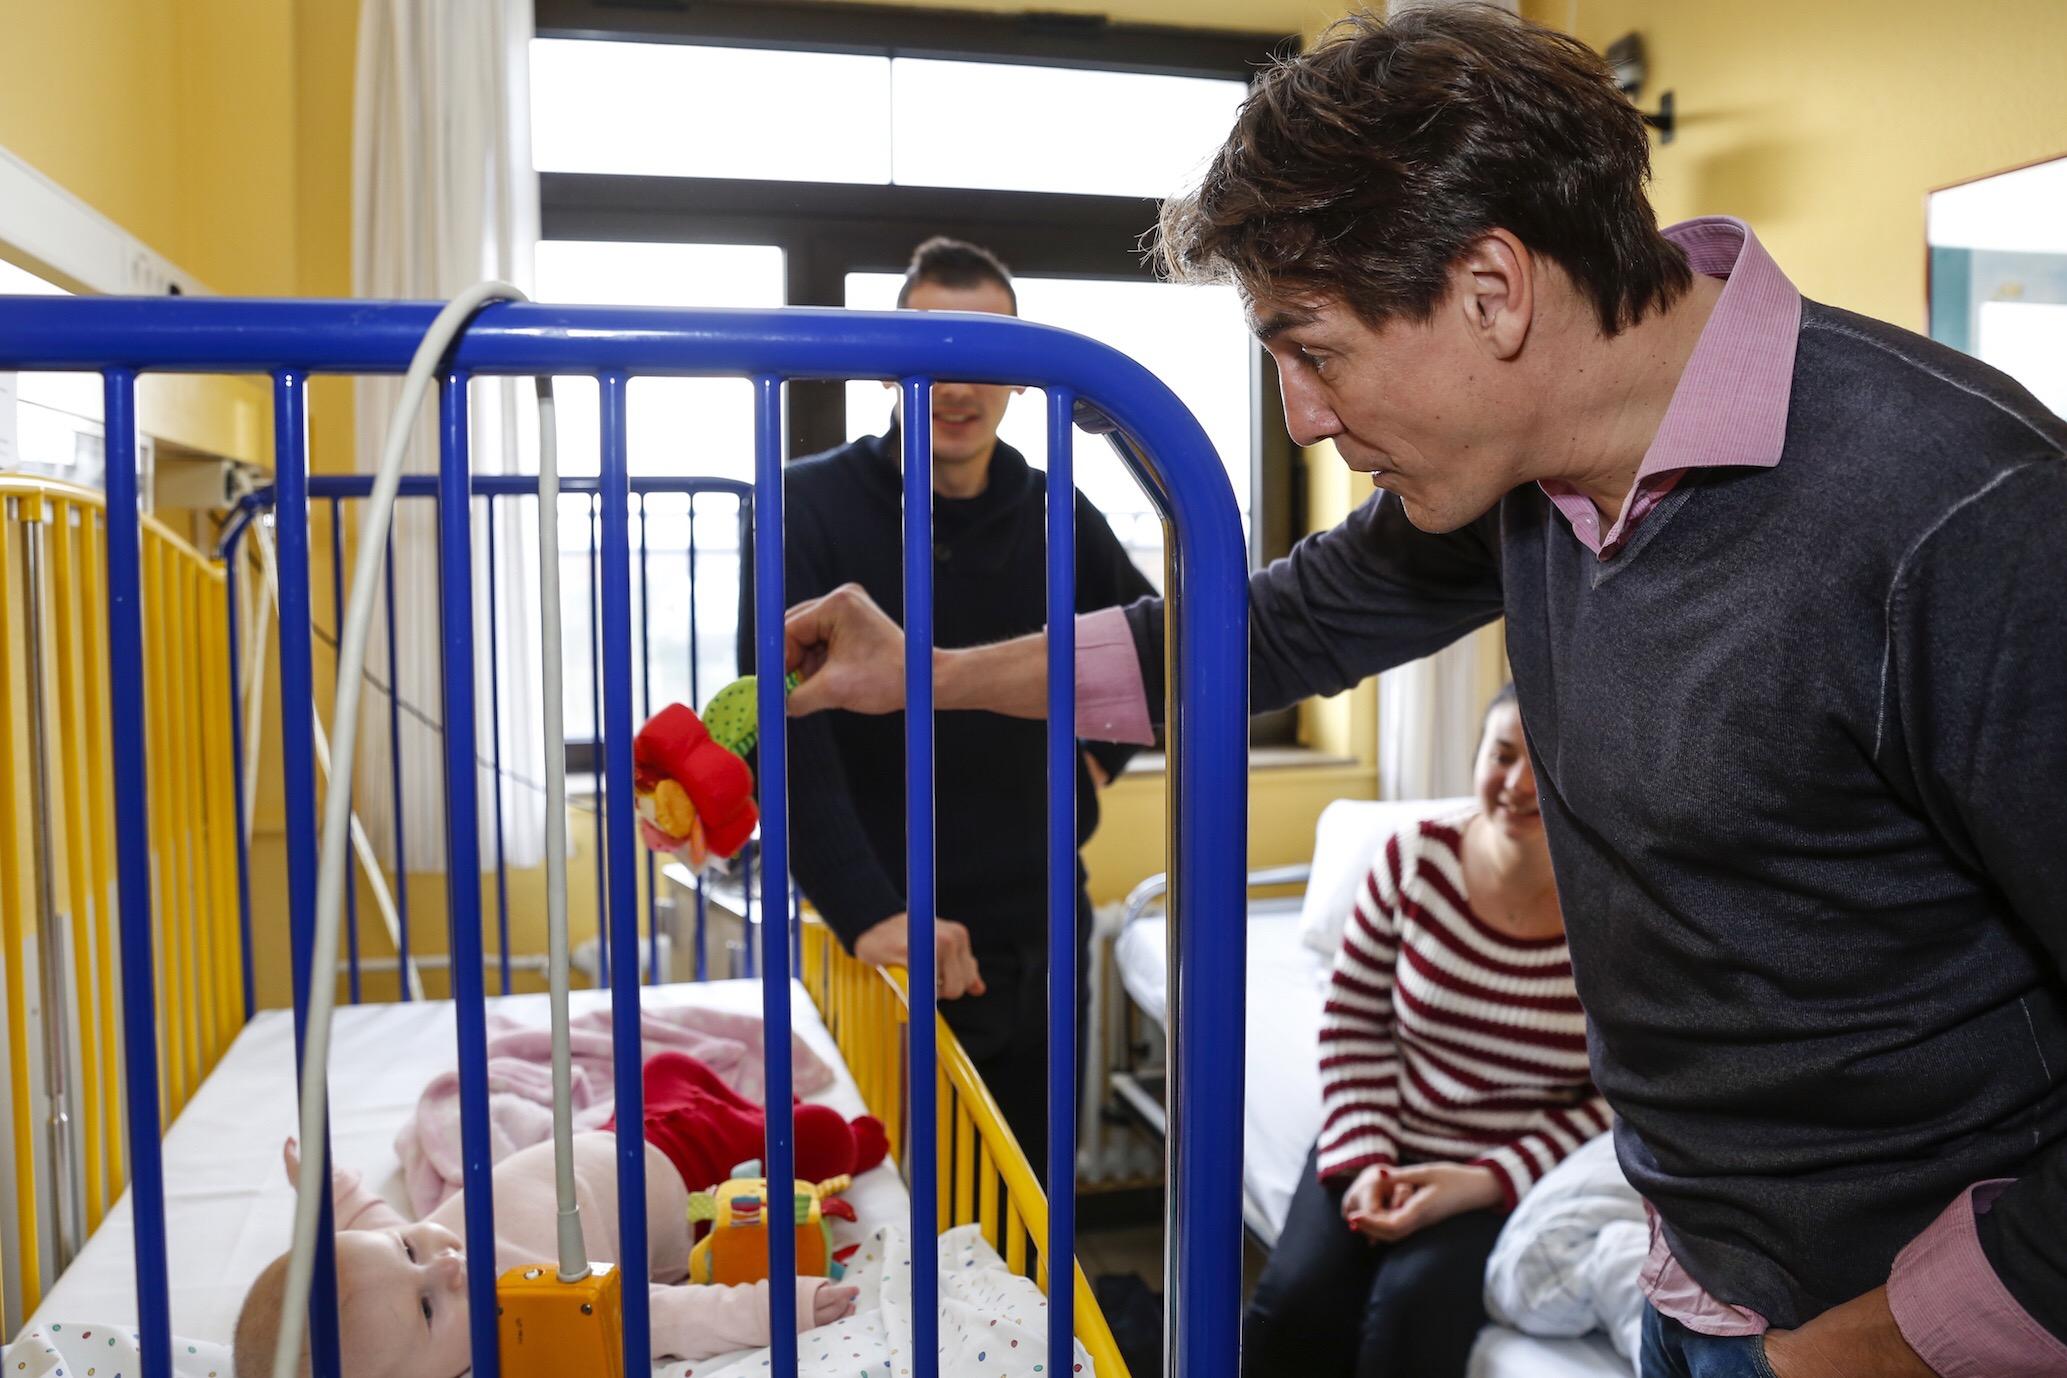 Kinderlachen-Schirmherr Matze Knop am Bett einer kleinen Patientin